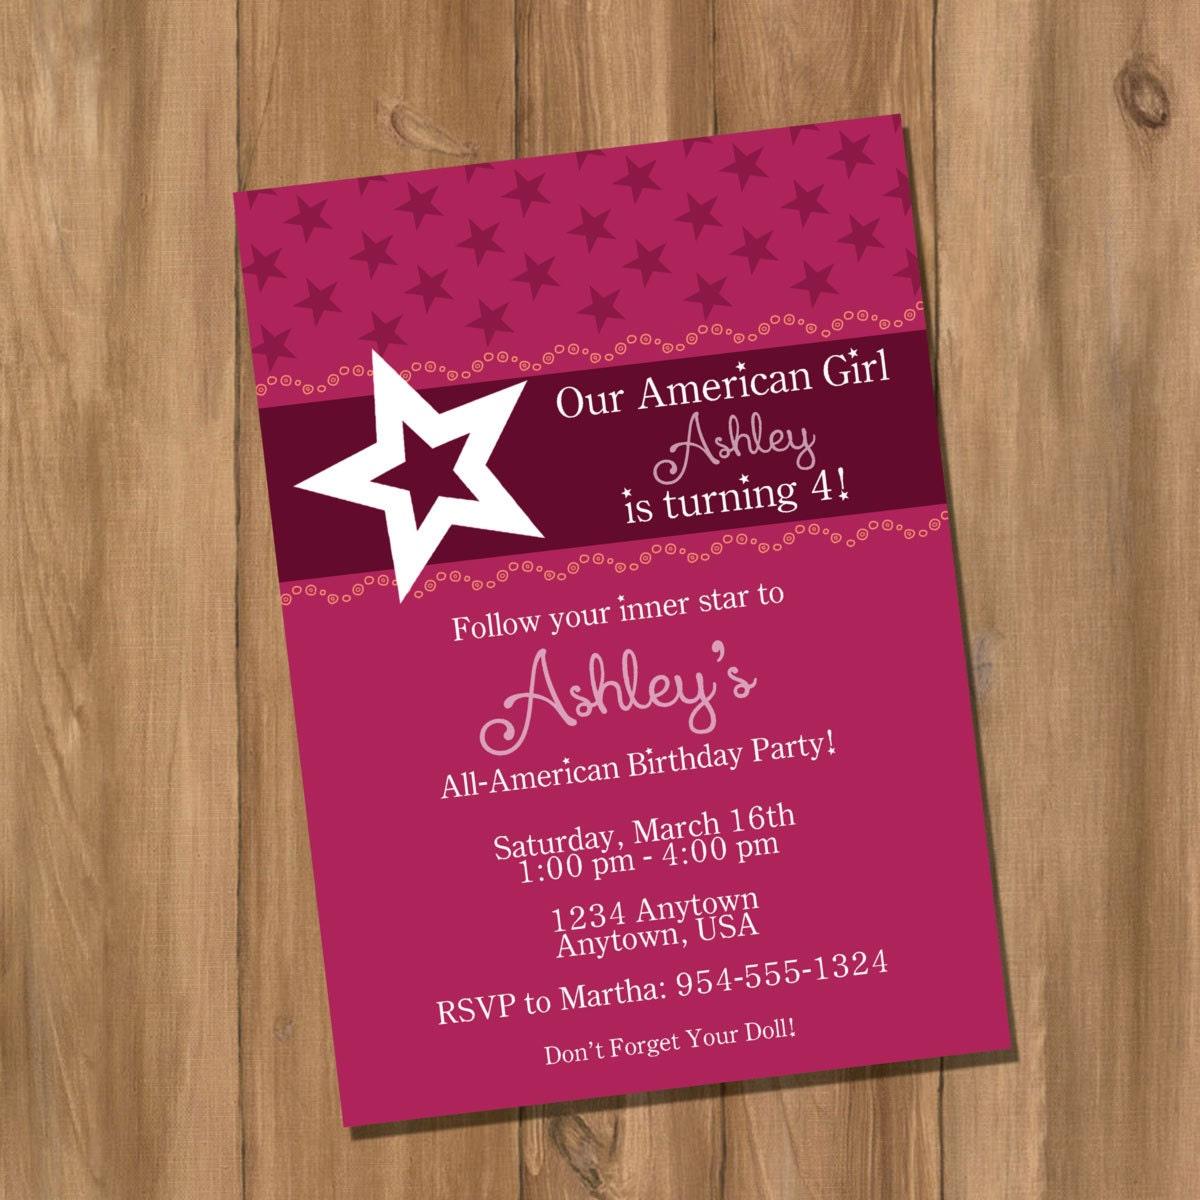 American Girl Party Invitation Template – orderecigsjuice.info